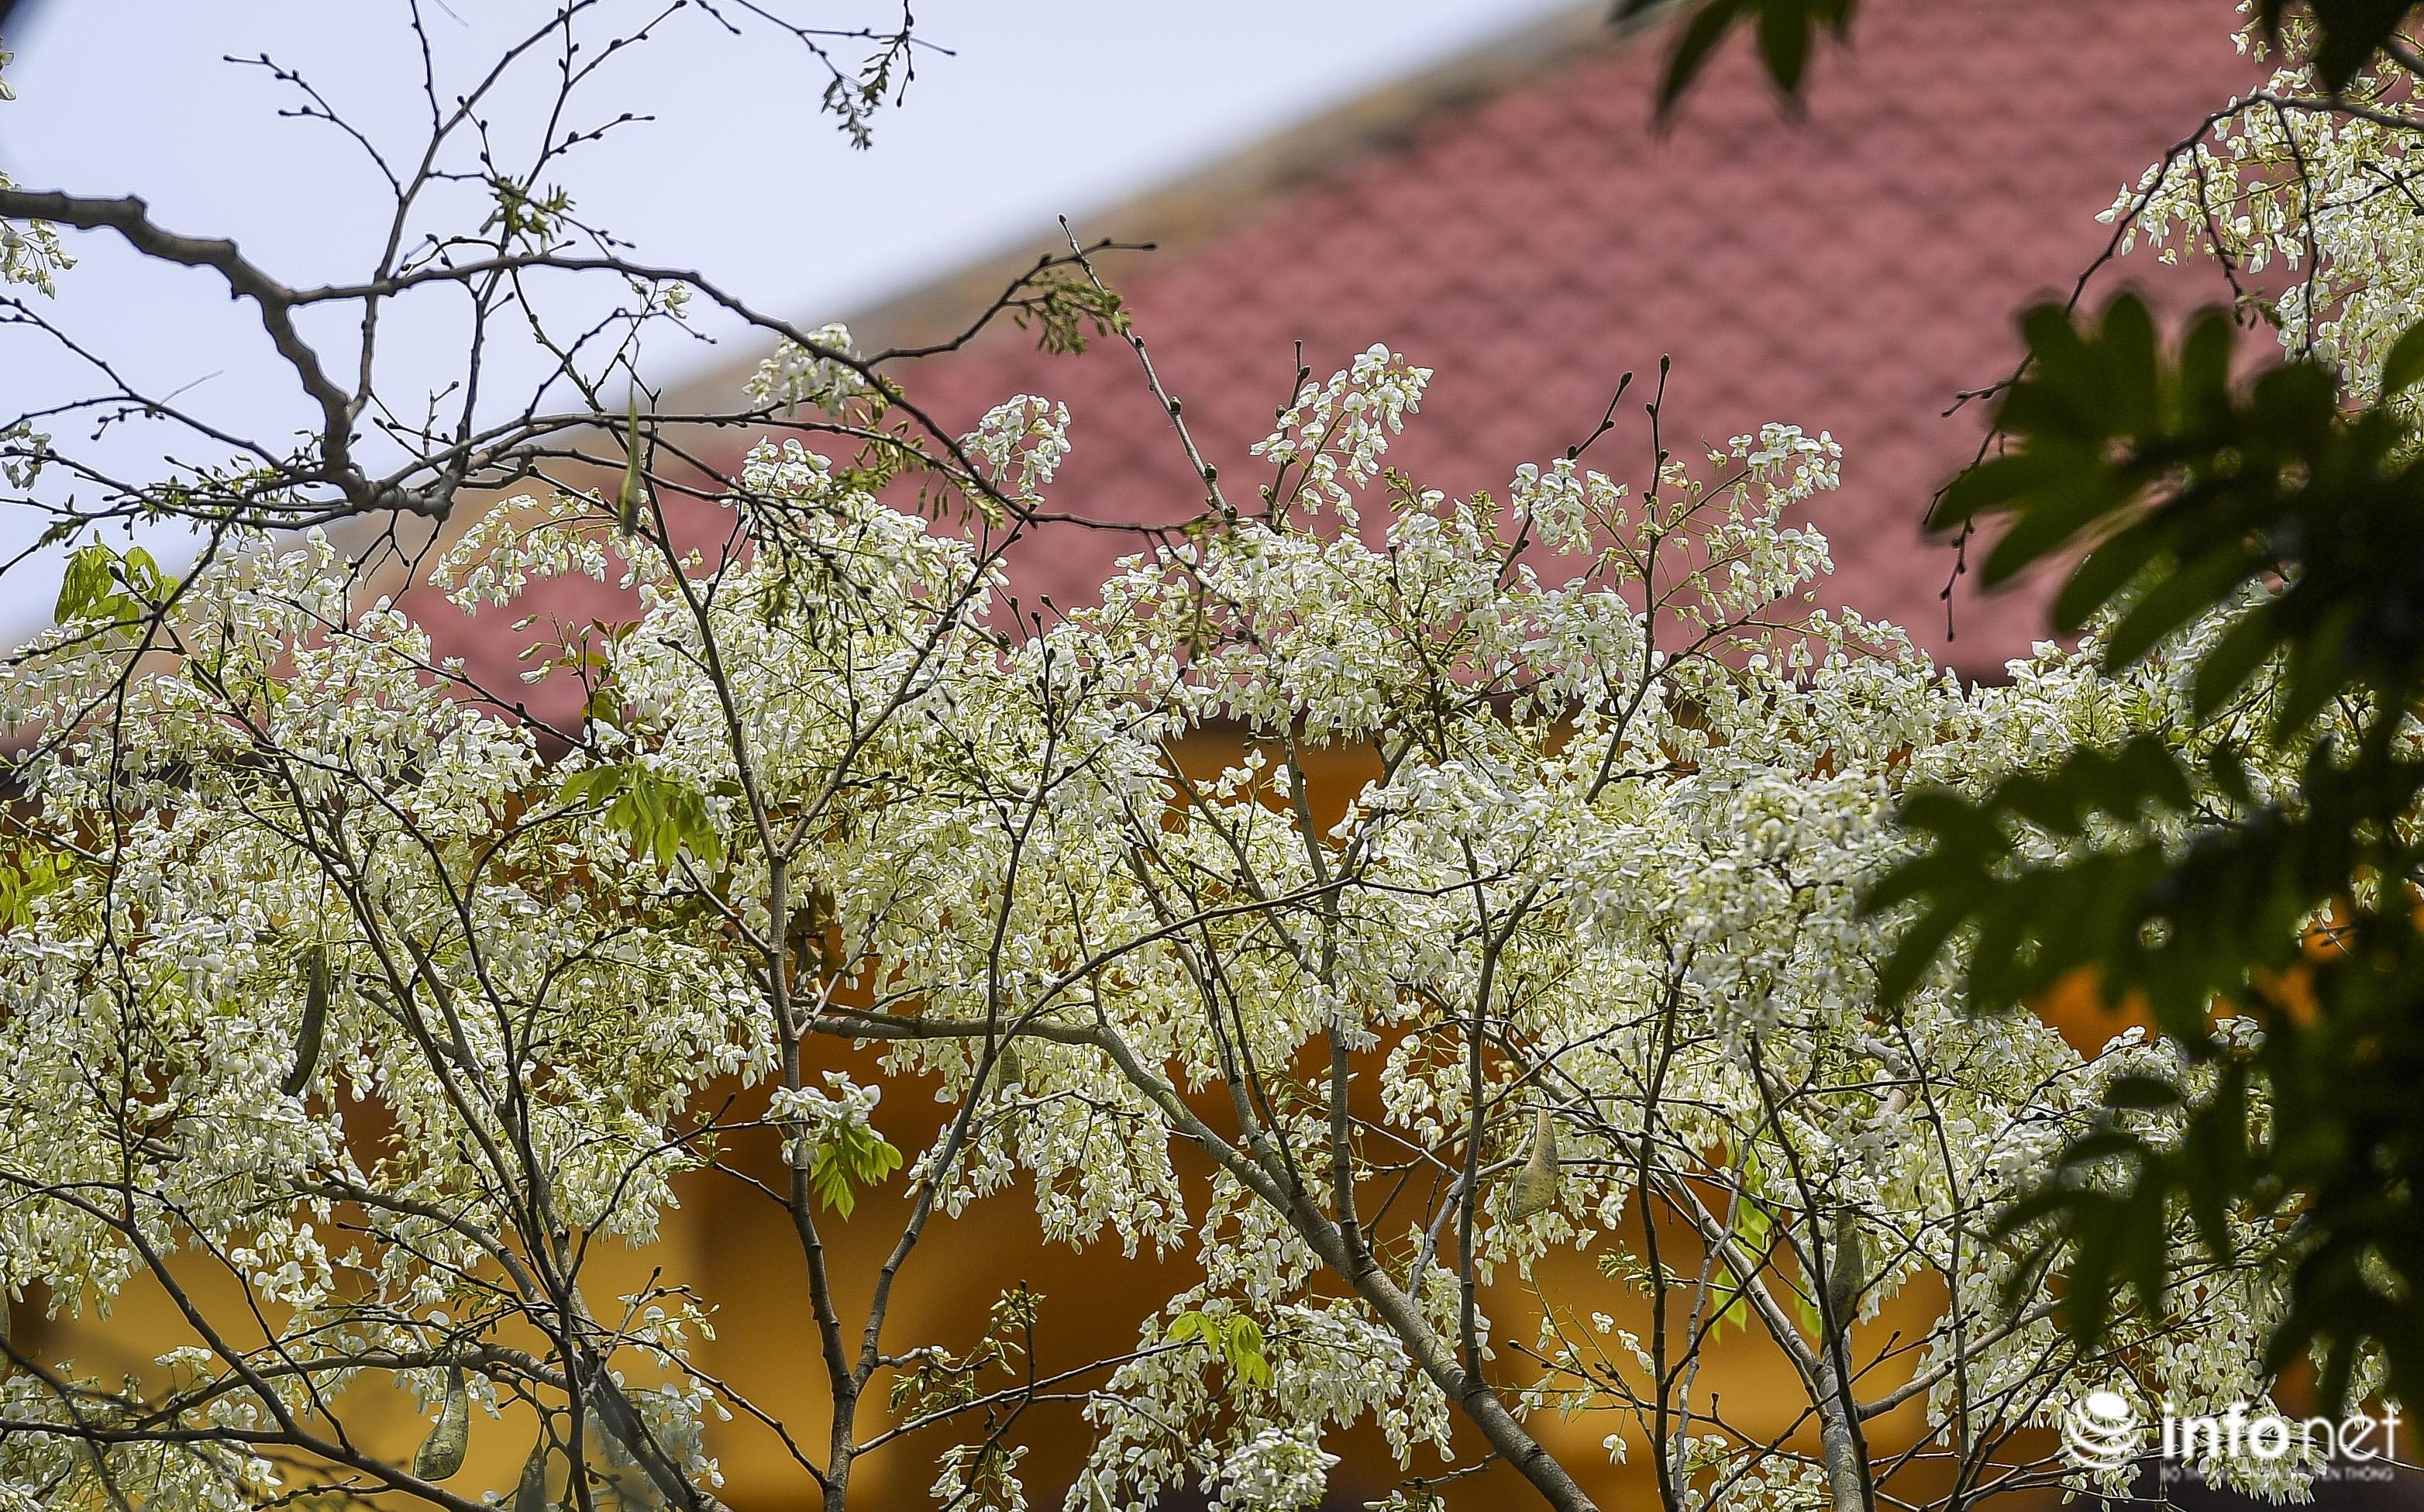 Ngắm hoa sưa nở trắng phố phường Hà Nội Ảnh 18